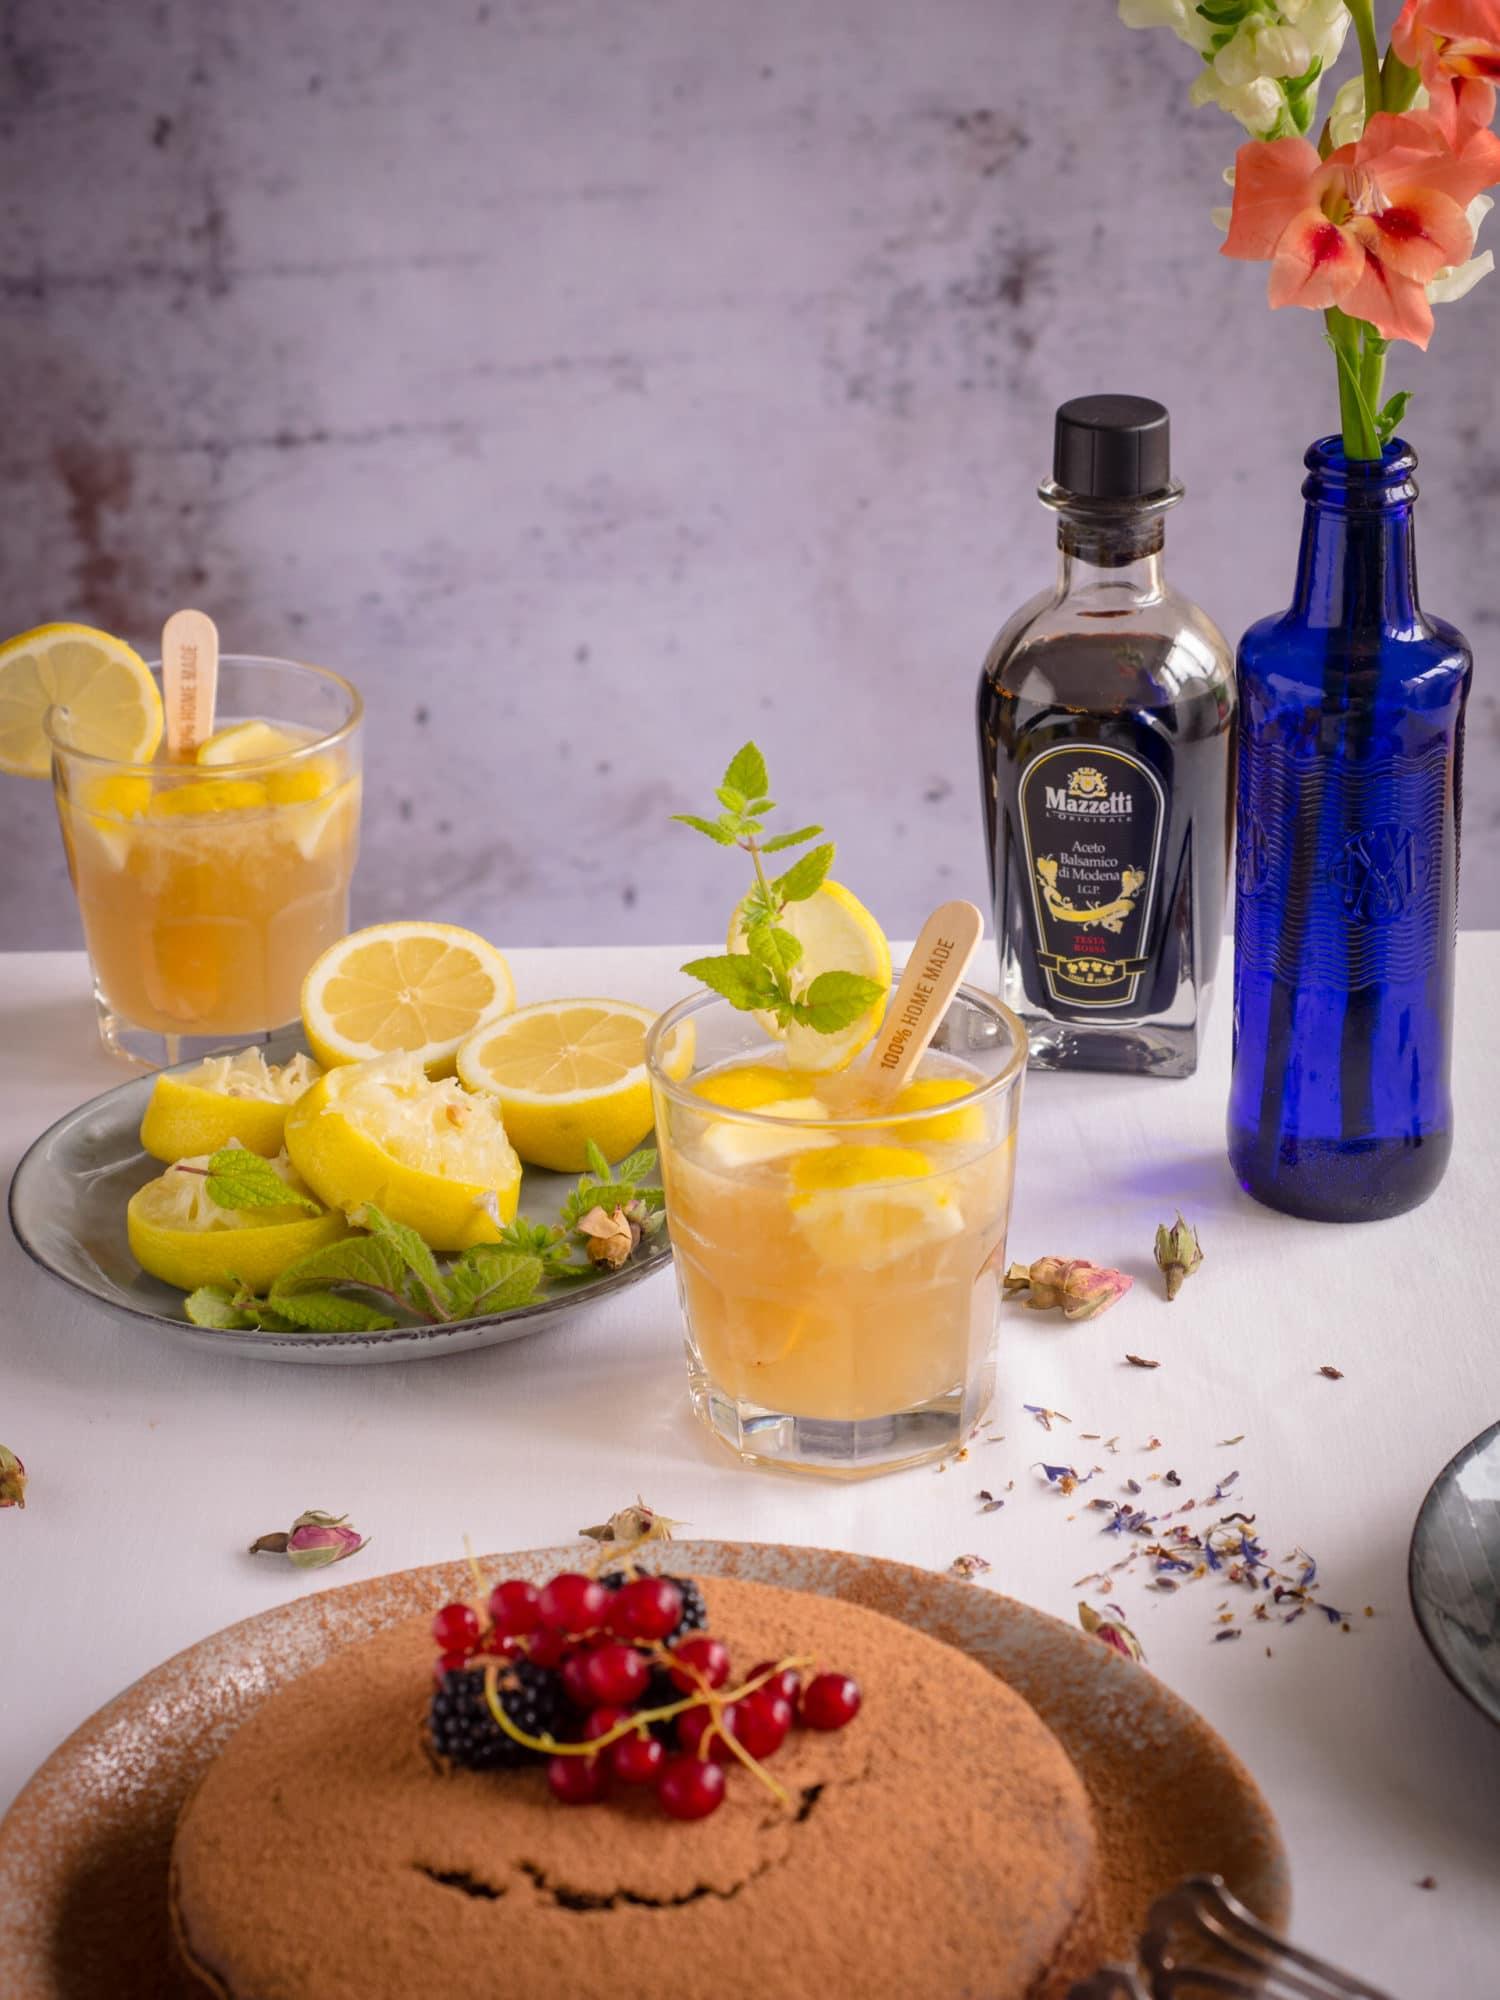 Sommerparty mit Balsamico Zitronen Cocktail mit Mazzetti l'Originale